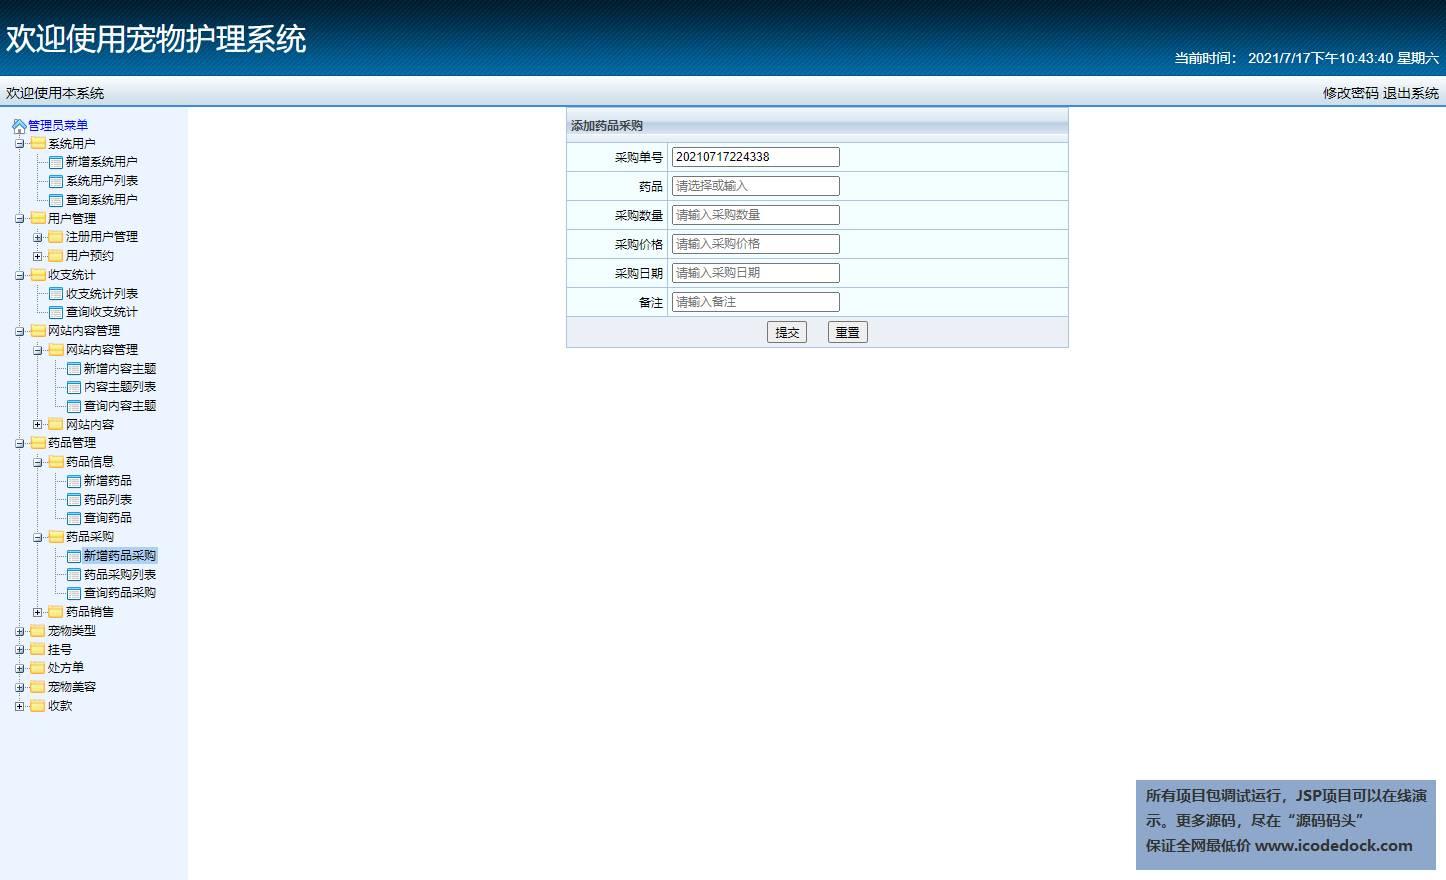 源码码头-SSH实现的一个在线宠物医院-管理员角色-药品采购管理